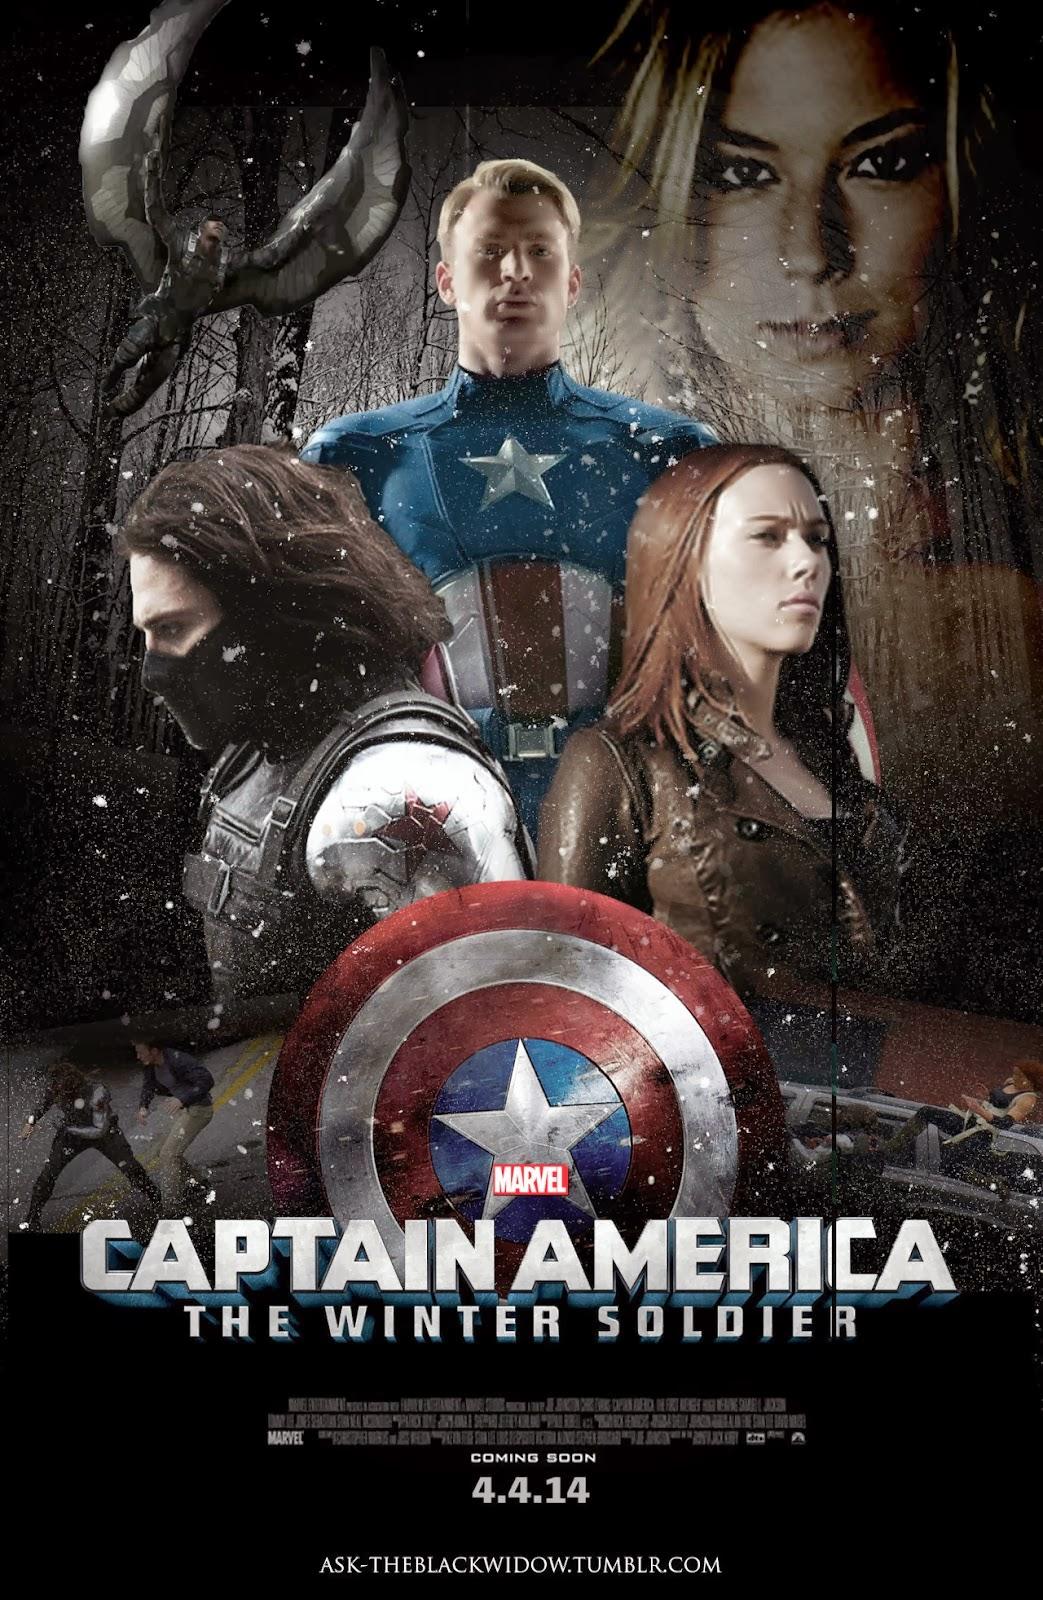 assistir capitao america 2 o soldado invernal dublado Capitão América 2: O Soldado Invernal Dublado